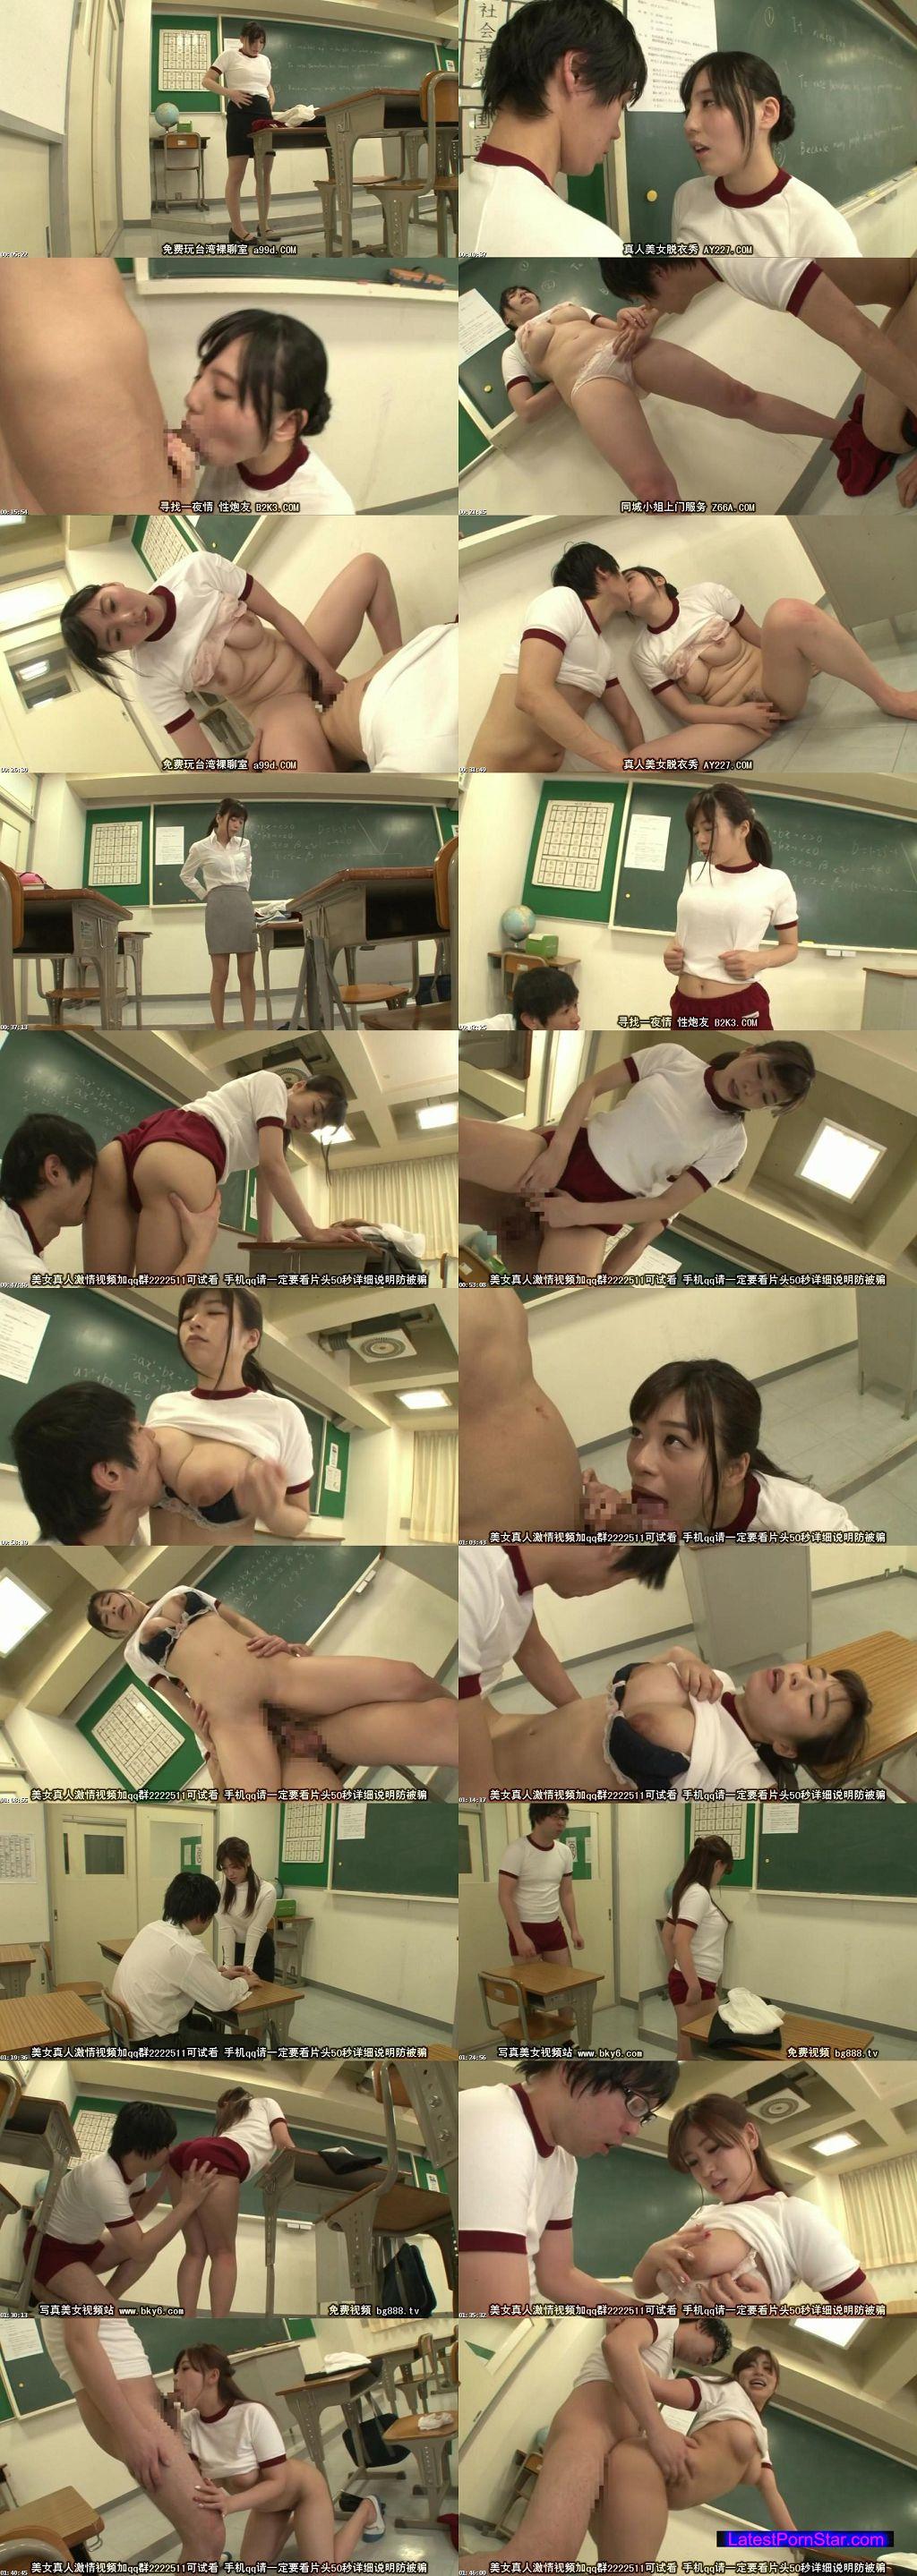 [GS-049] 教育実習生の女教師が体操着を忘れたので生徒の服を借りたら、ピチピチはち切れそうな体操着!そして、ソソる食い込むブルマー!!恥ずかしくて外に出れないでいると…